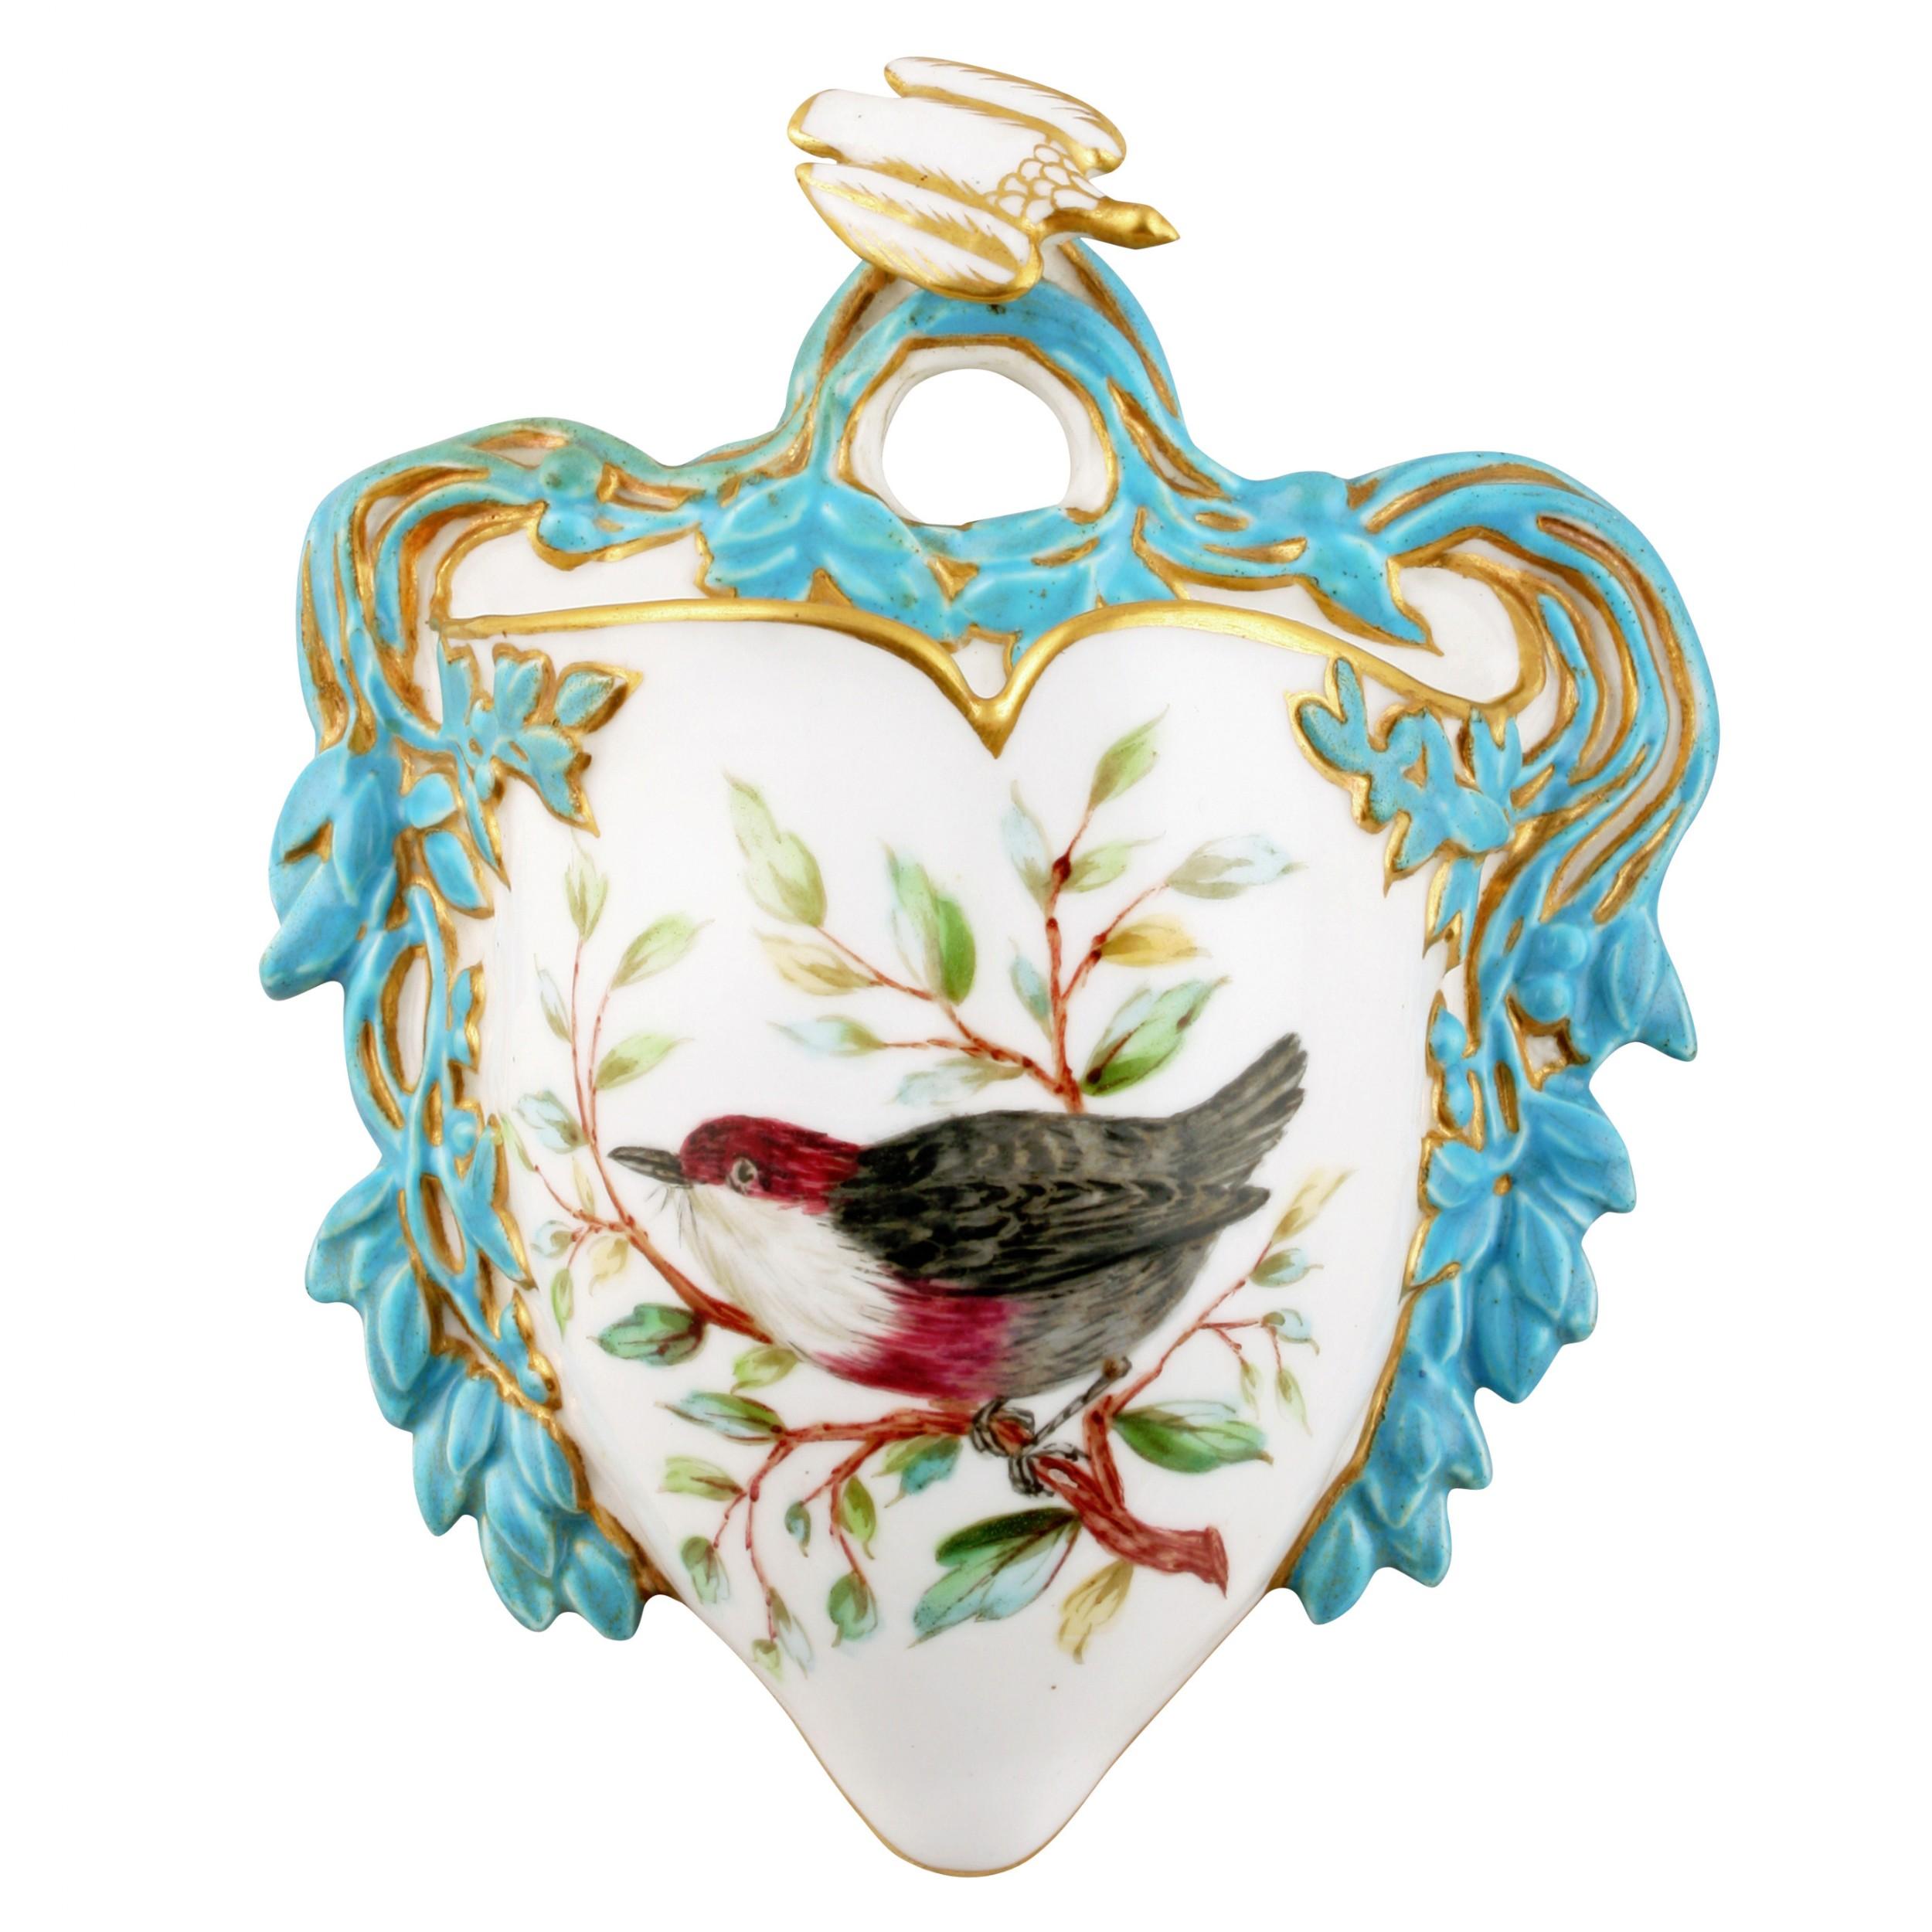 derby crown porcelain posy holder